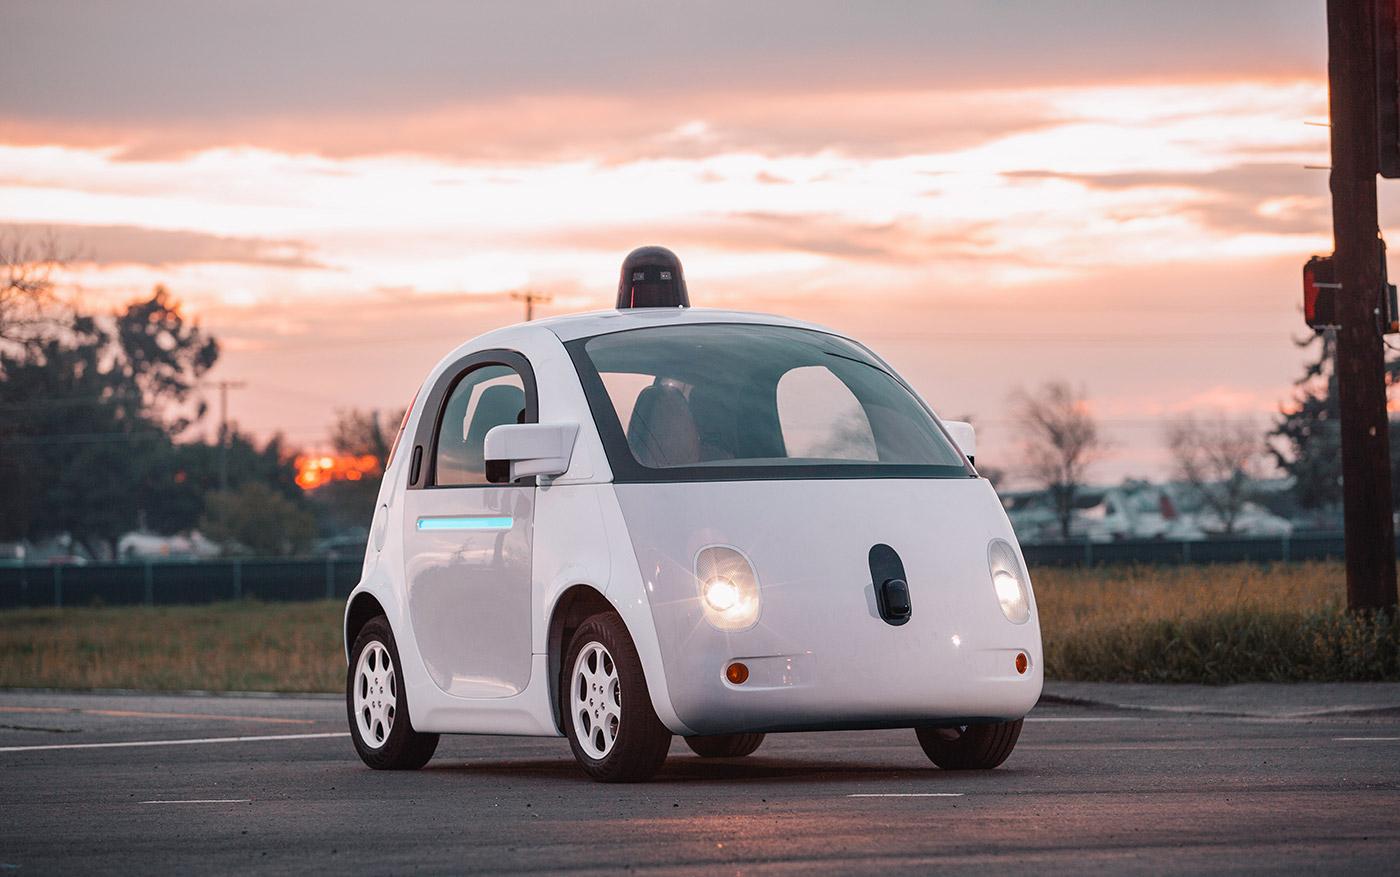 传闻 Google 将在 CES 上宣布与福特合作开发自驾车?